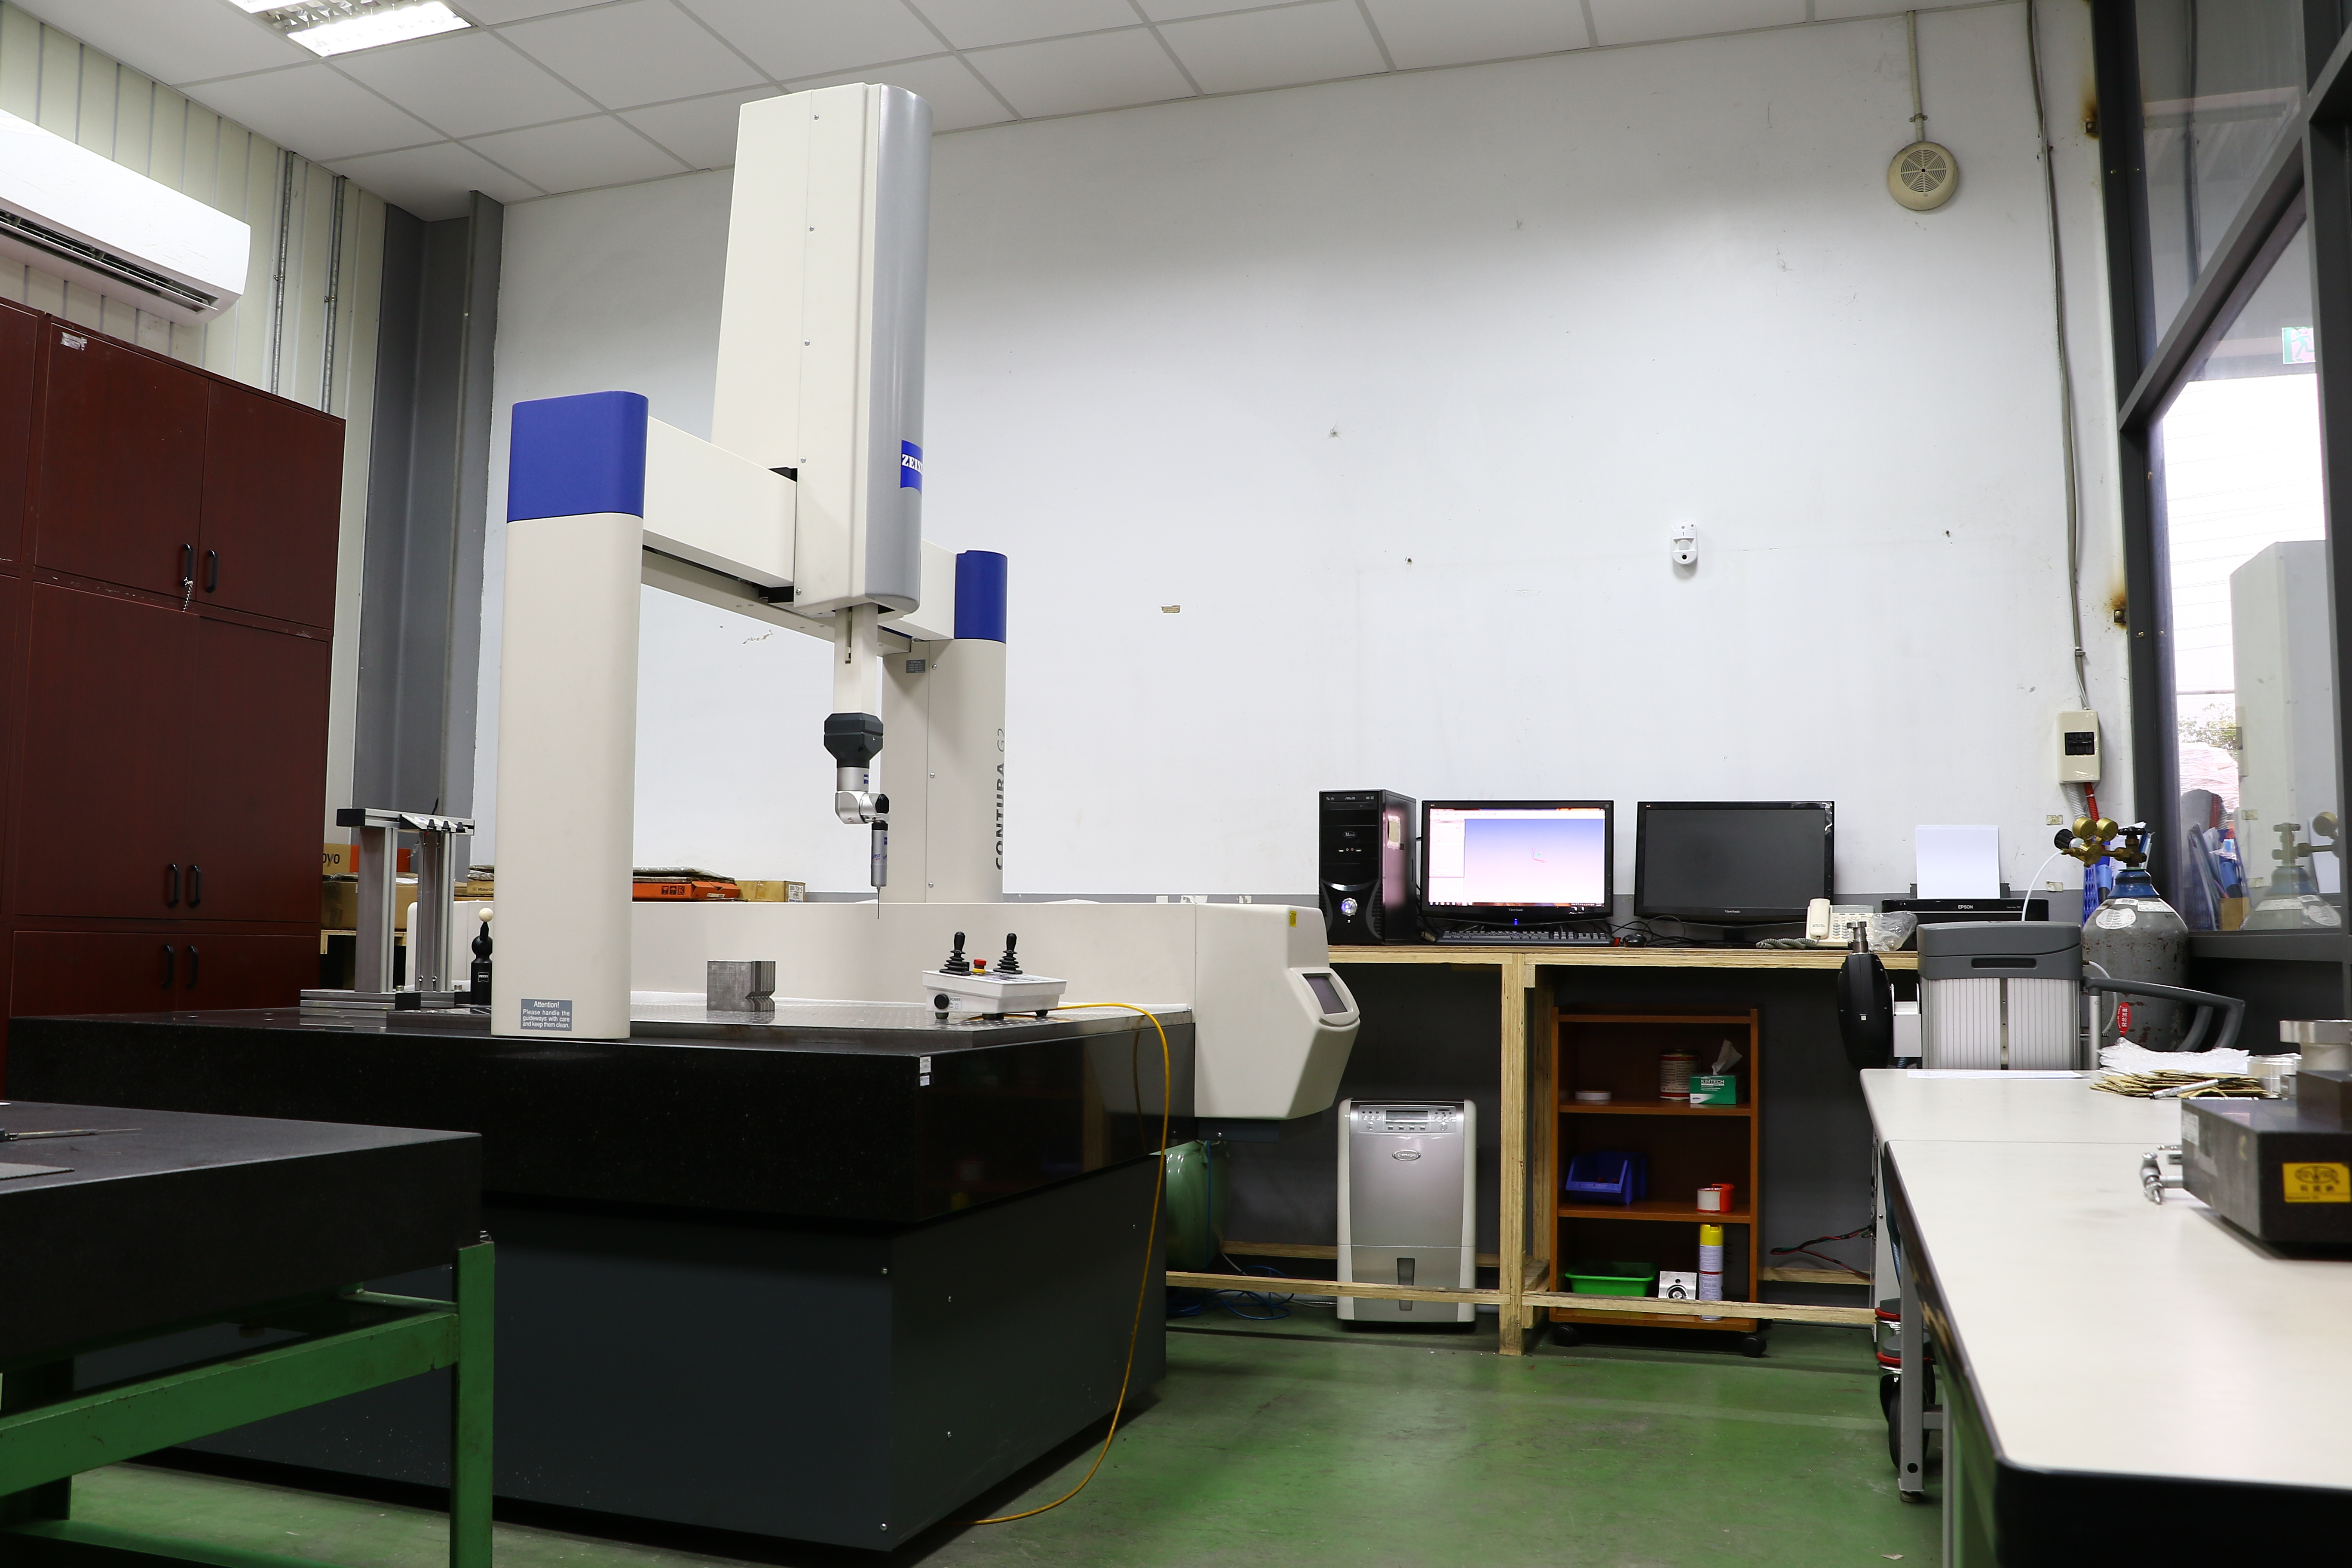 本公司選用德國蔡司三次元量測儀,全天候控制溫濕度。只為提供客戶最佳精度要求的產品。